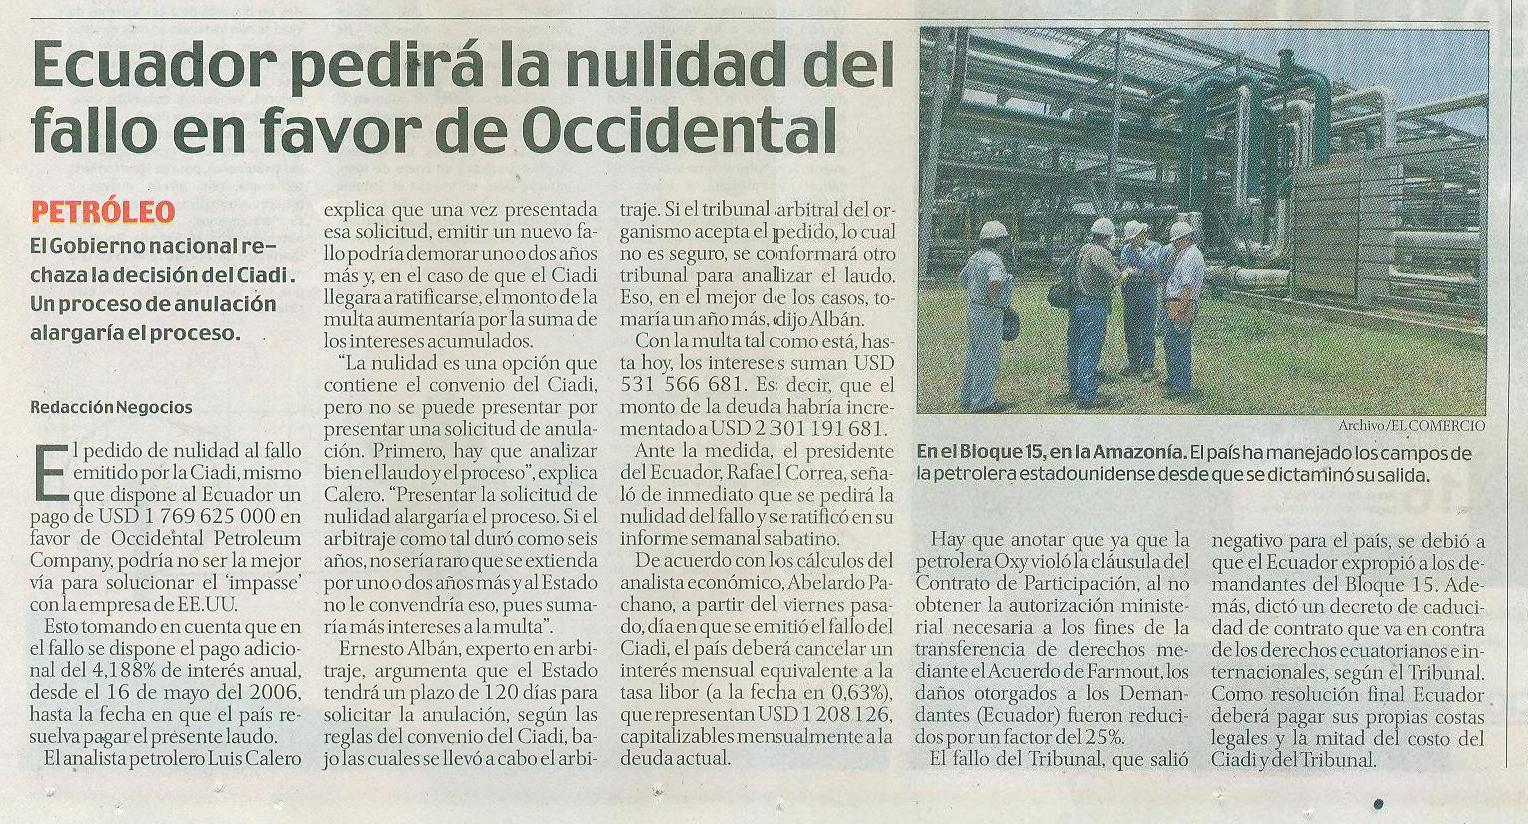 45-El Comercio, Ecuador pedira la nulidad del fallo en favor de Oxy 07 10